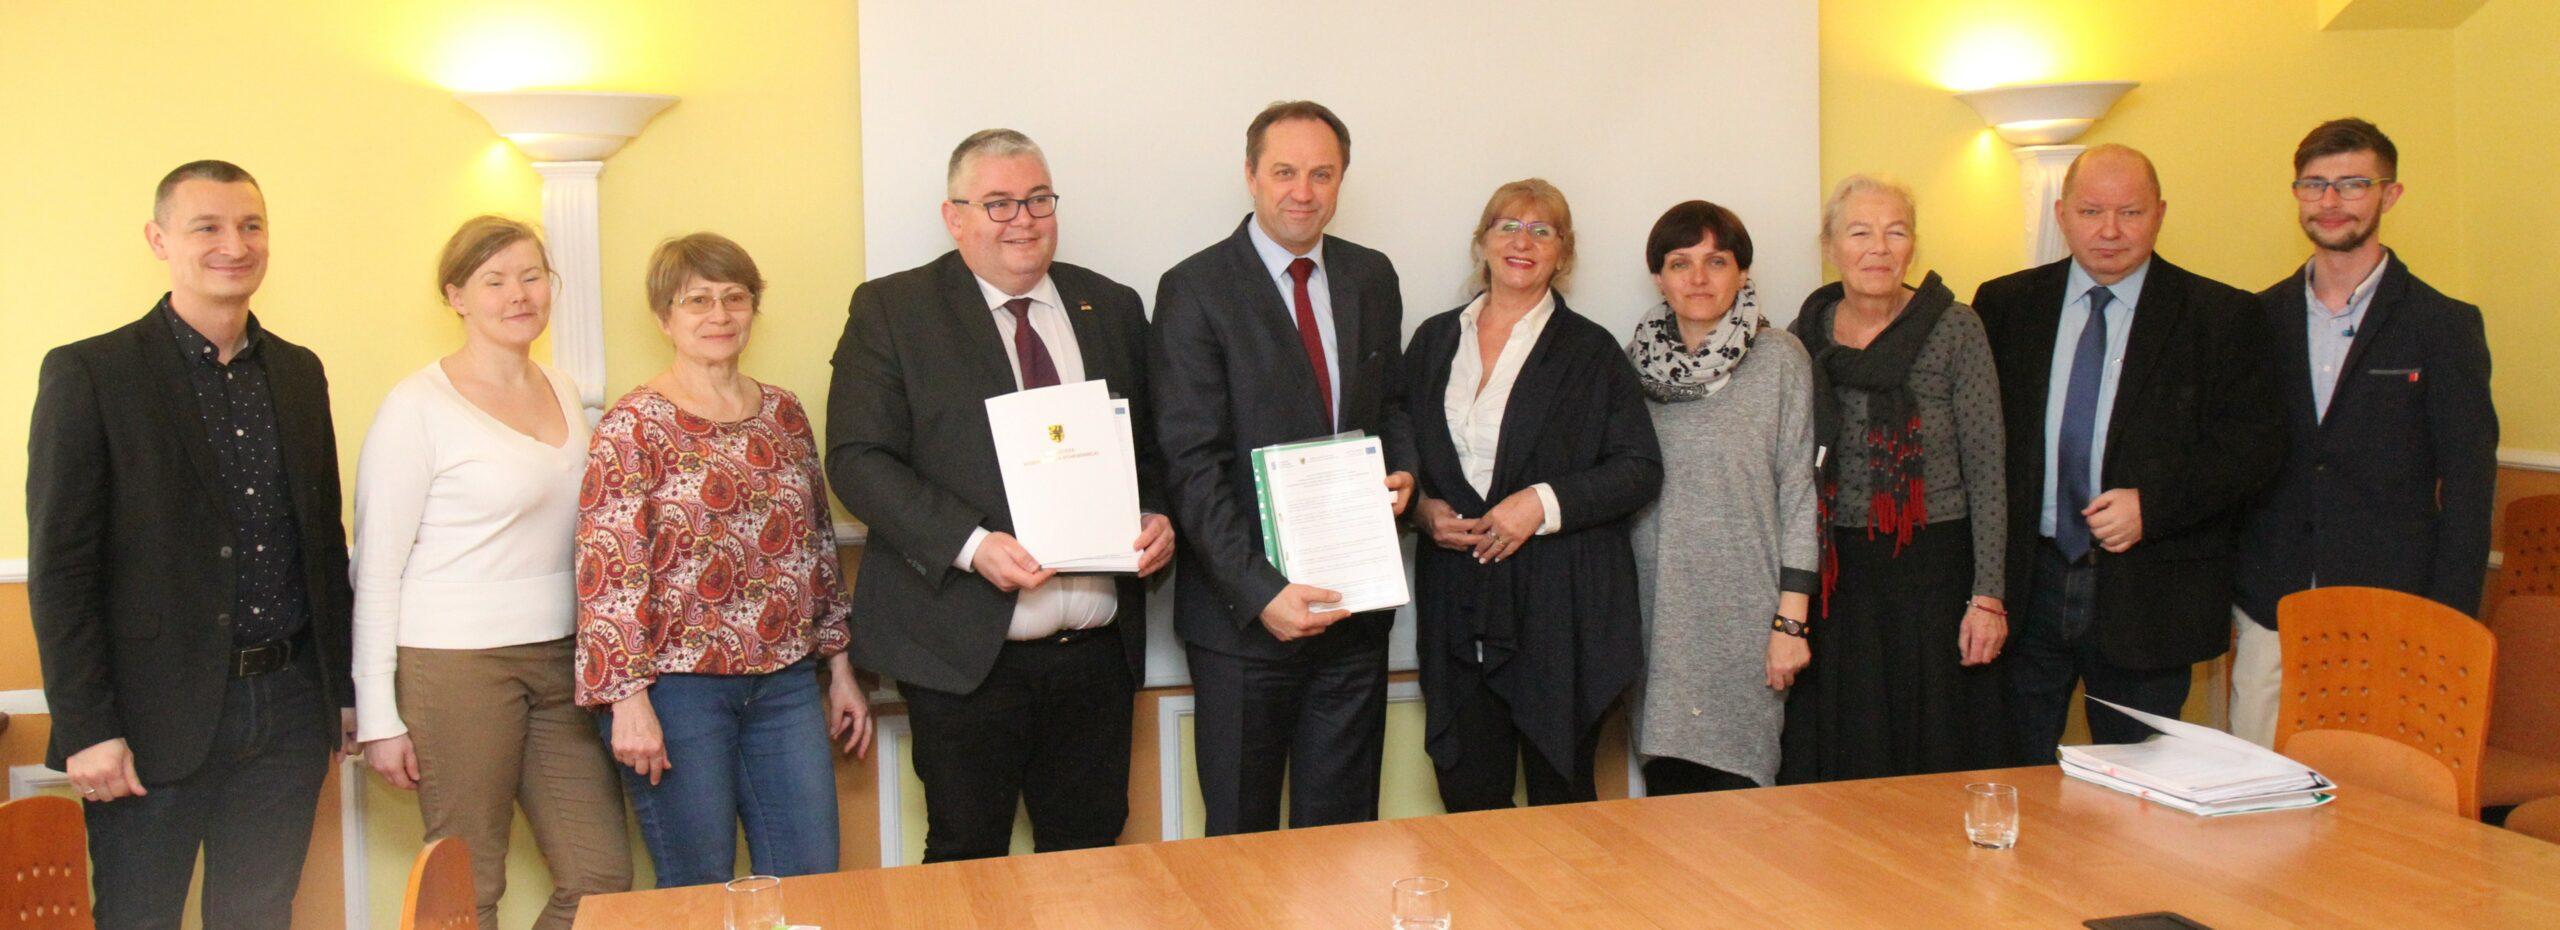 Kursy i praktyki zawodowe. 17 mln zł na pomoc najbardziej potrzebującym gdańszczanom